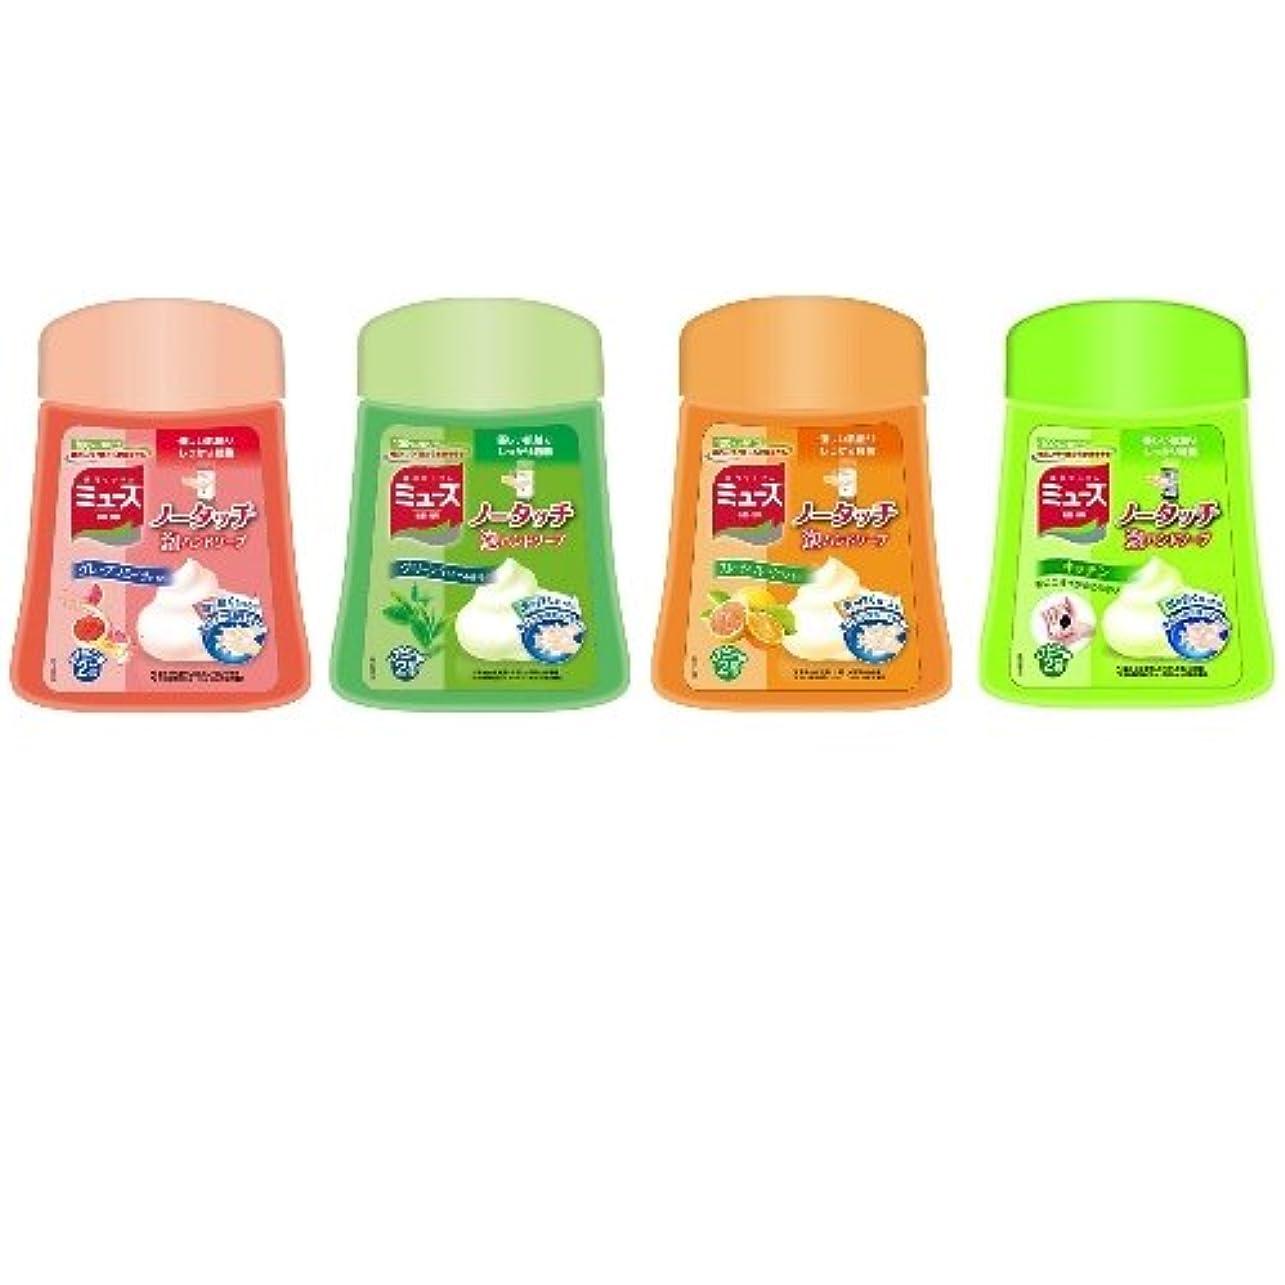 毛皮ナット眠りミューズ ノータッチ 泡ハンドソープ 詰替え 4種の色と香りボトル 250ml×4個 薬用ハンドソープ 手洗い 殺菌 消毒